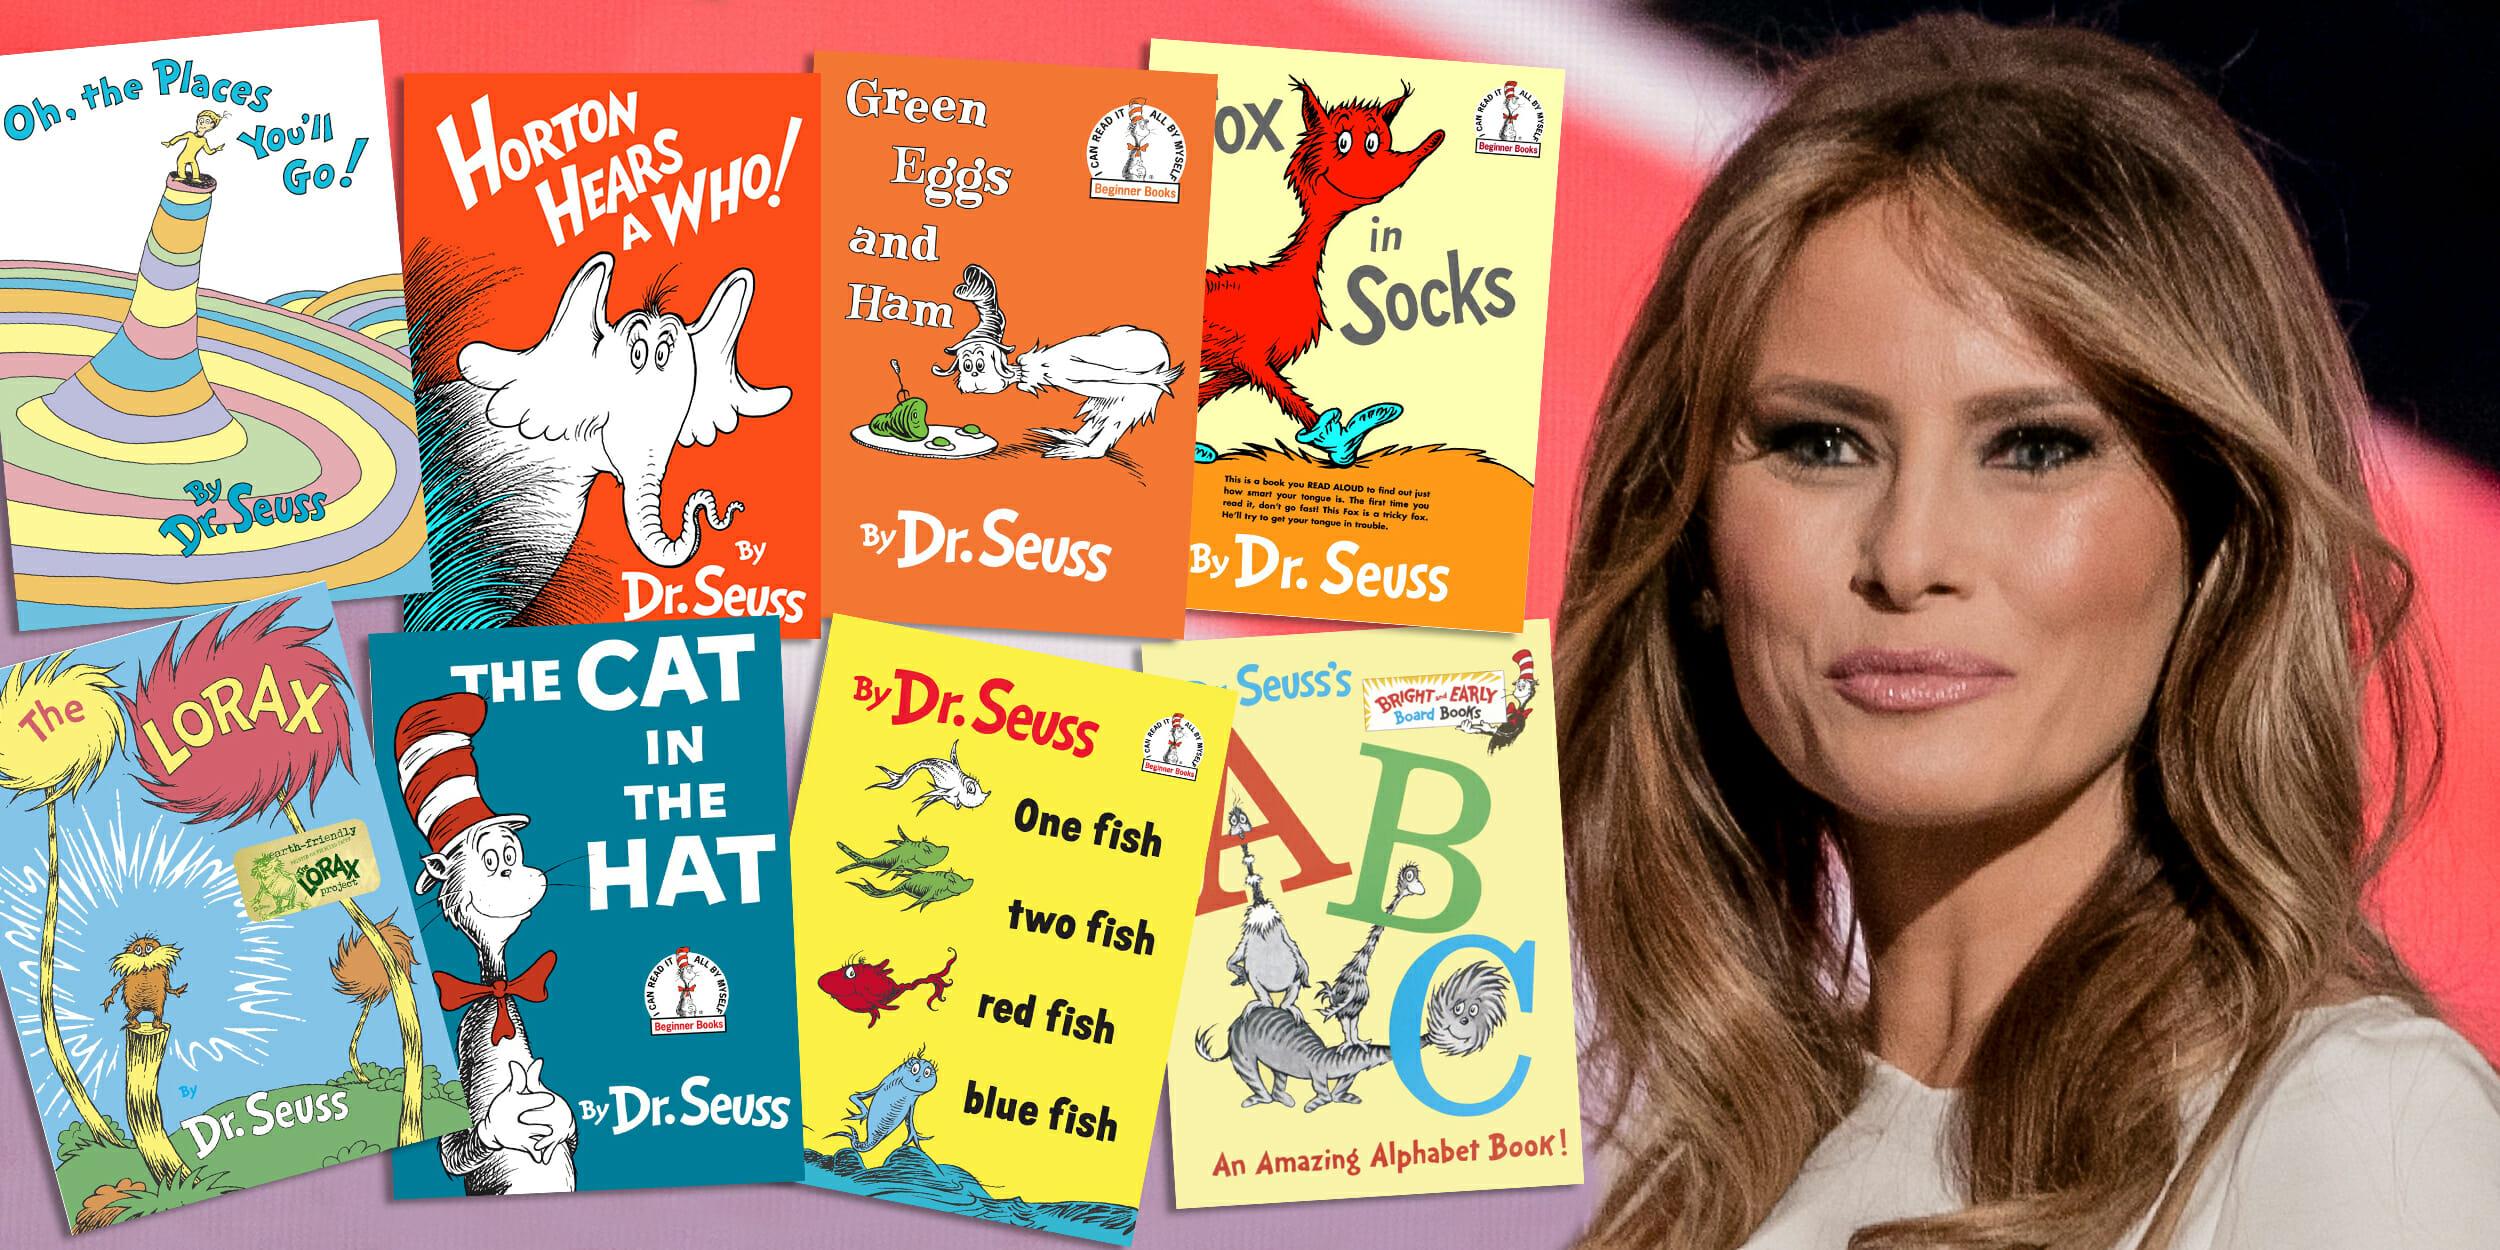 Melania Trump and Dr. Seuss books